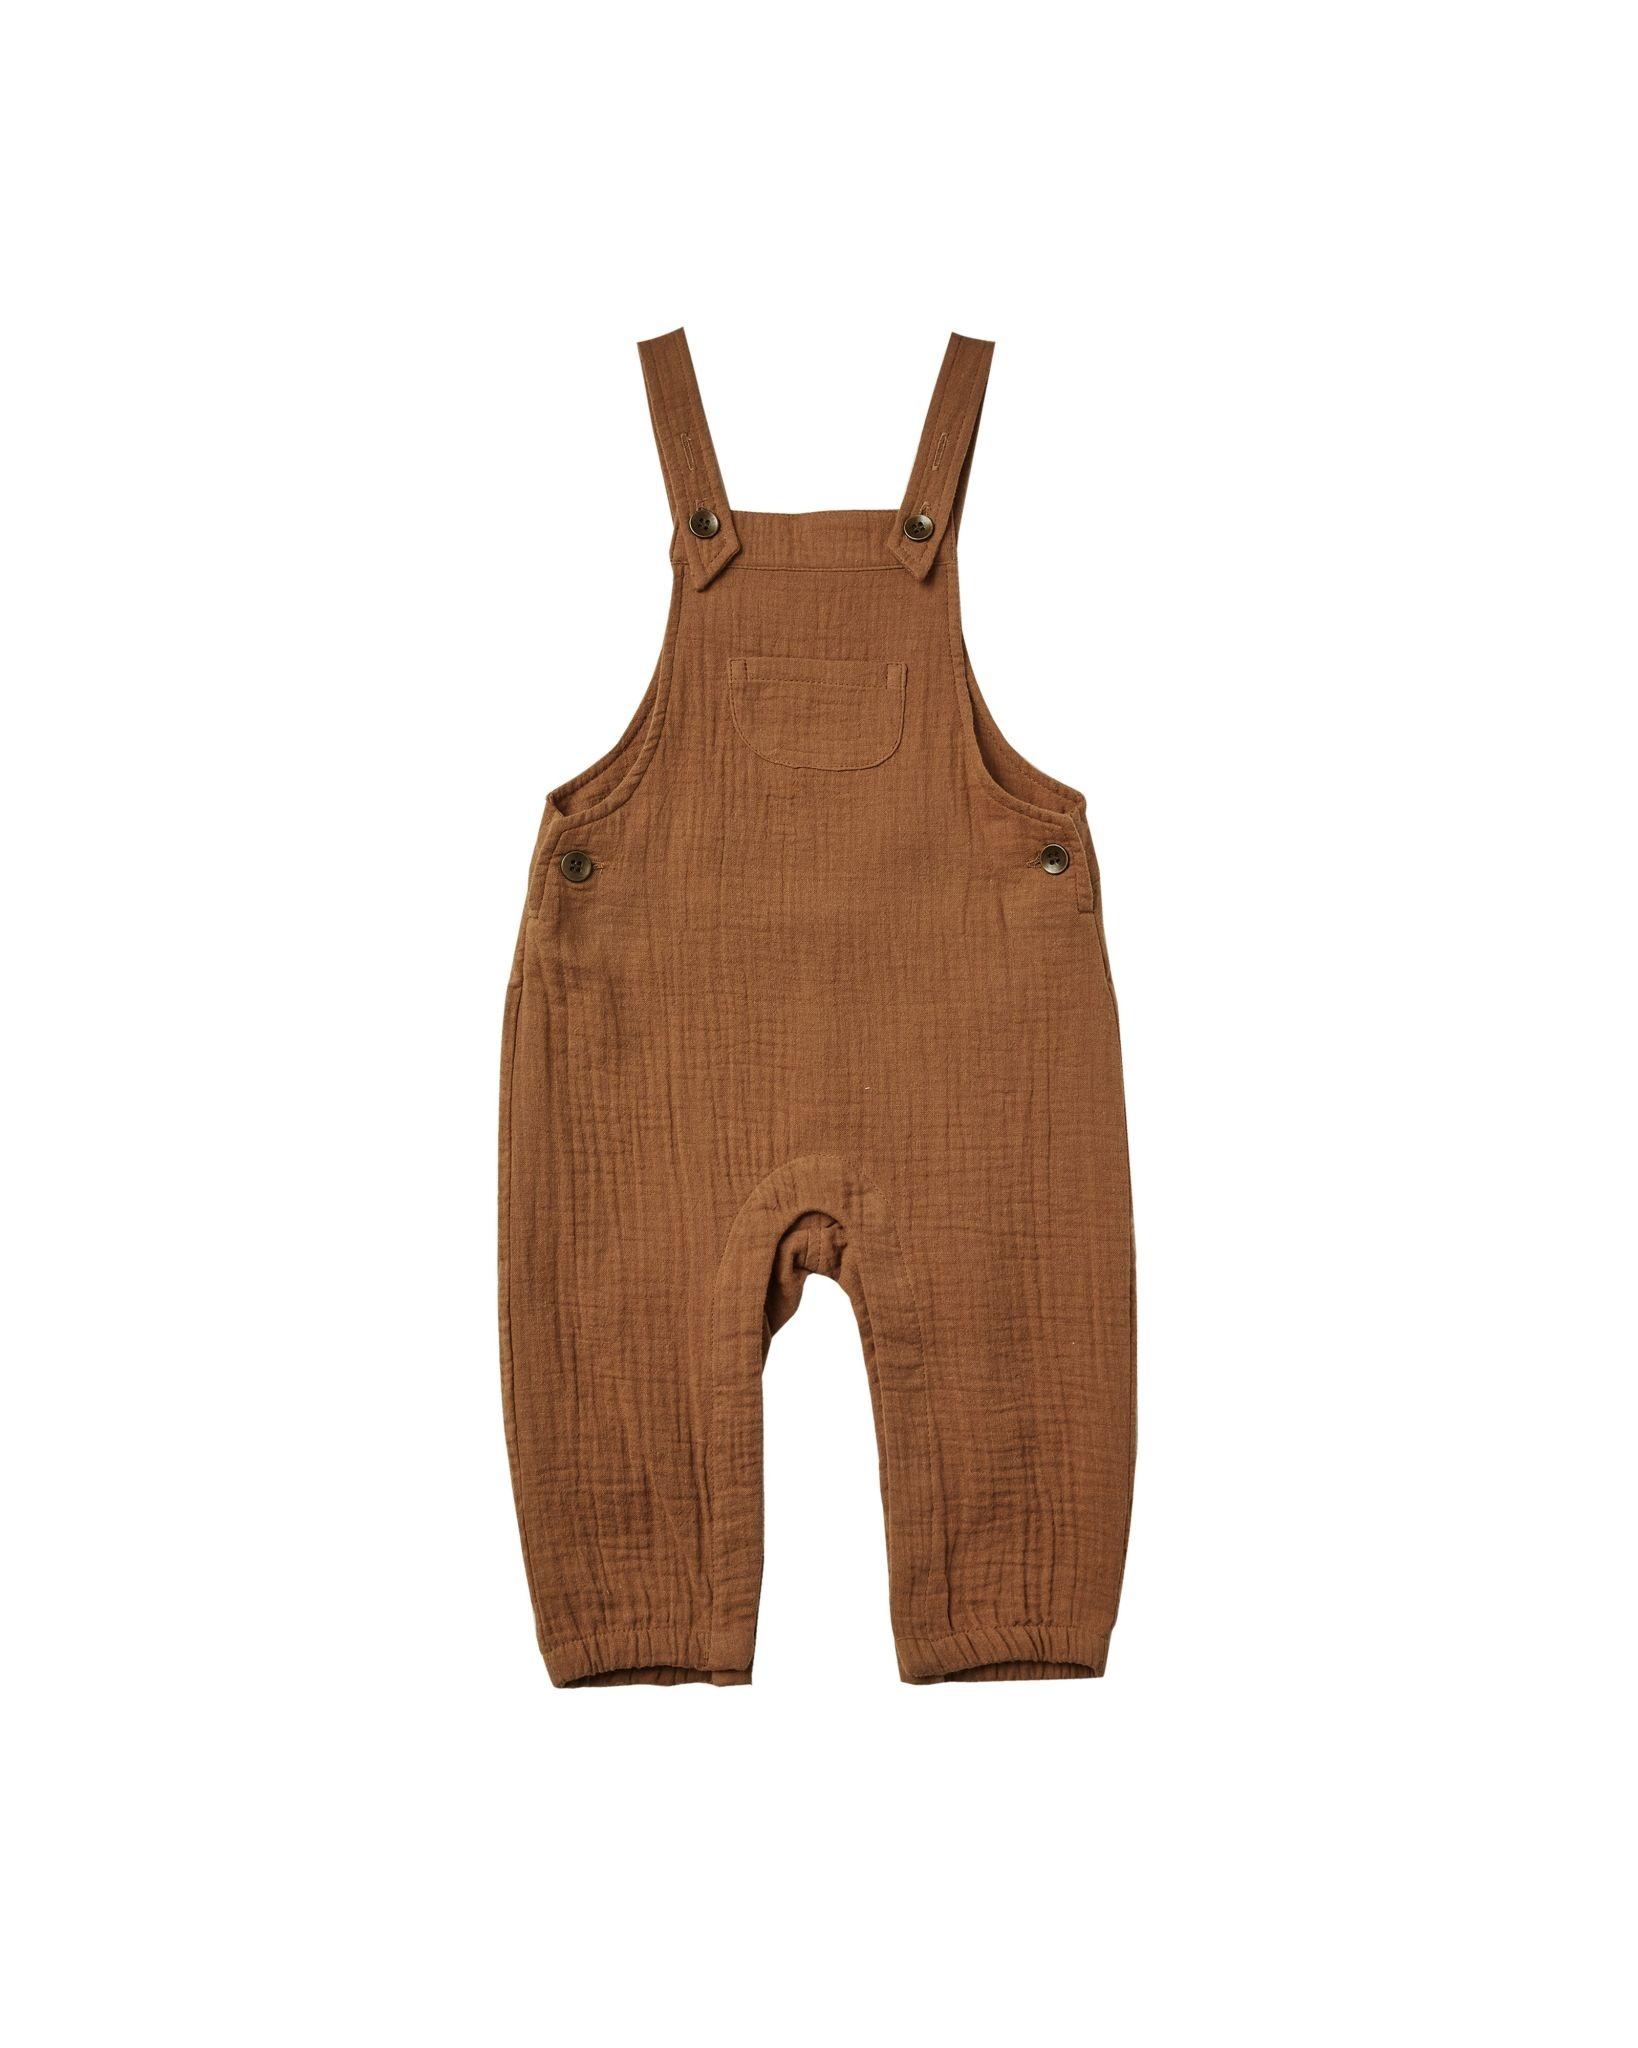 Rylee & Cru Baby Overalls - Rust